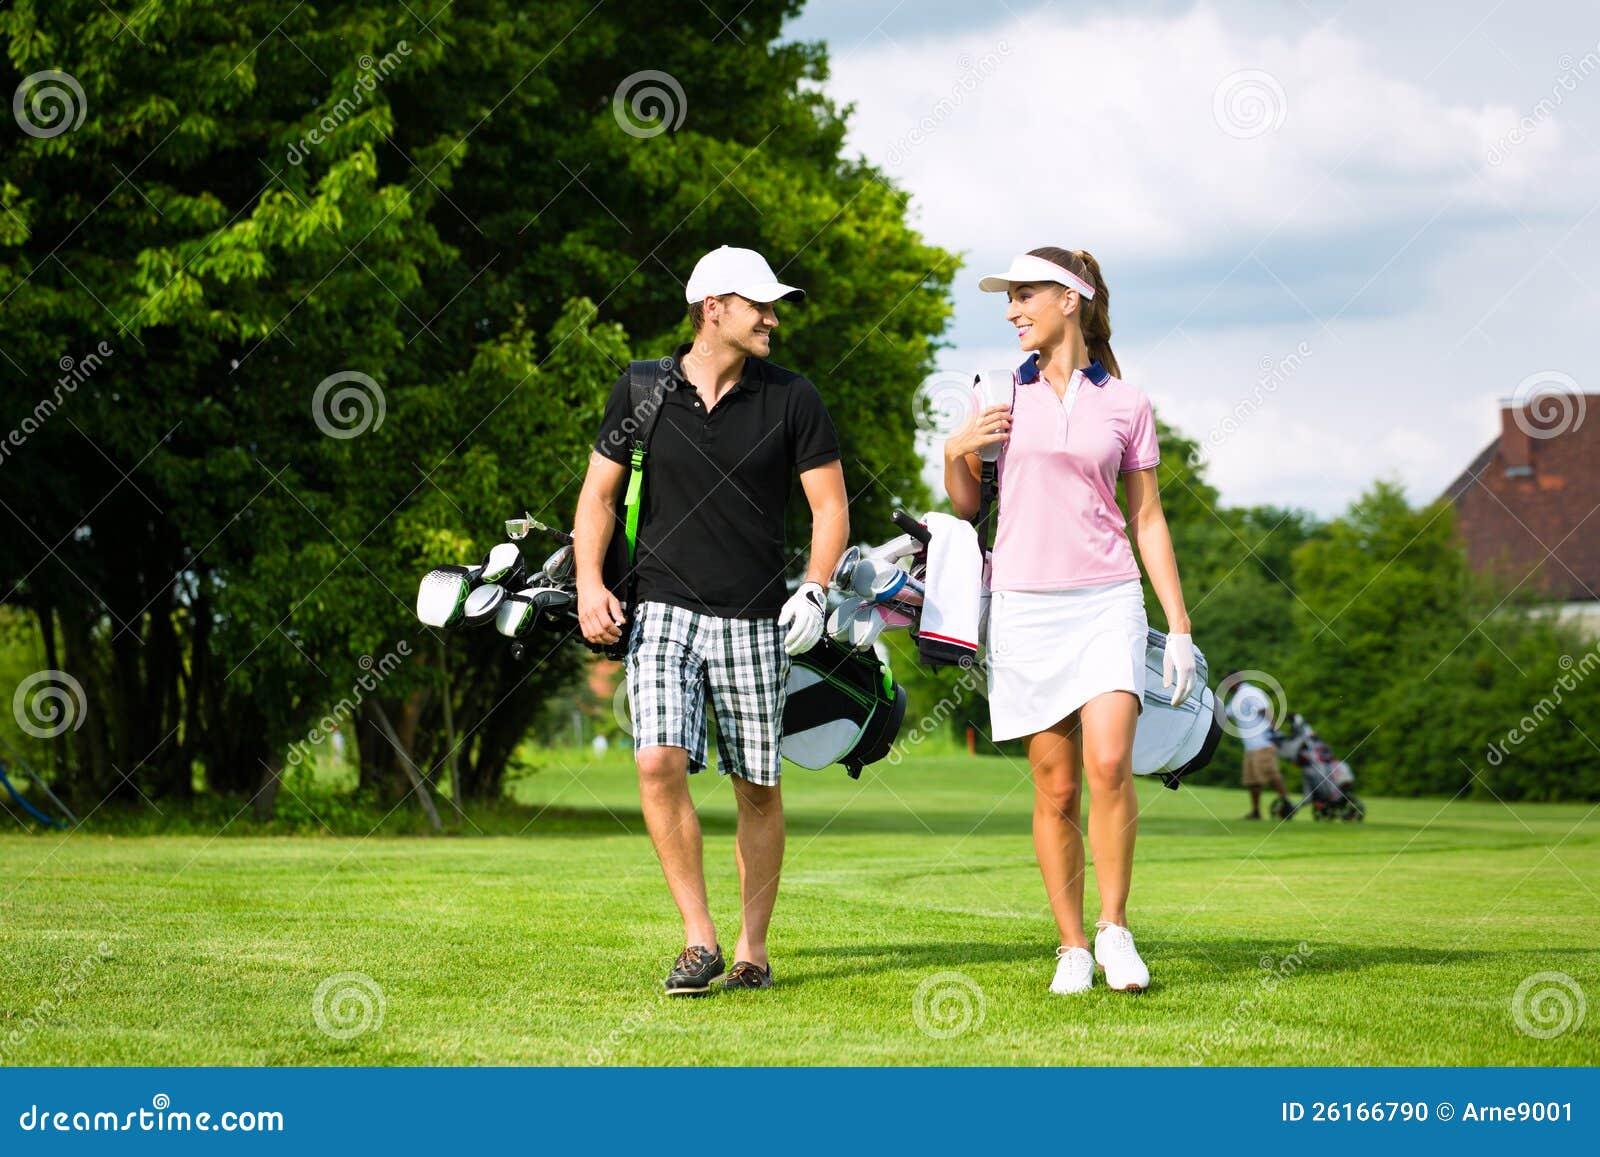 Νέο αθλητικό παίζοντας γκολφ ζευγών σε μια σειρά μαθημάτων